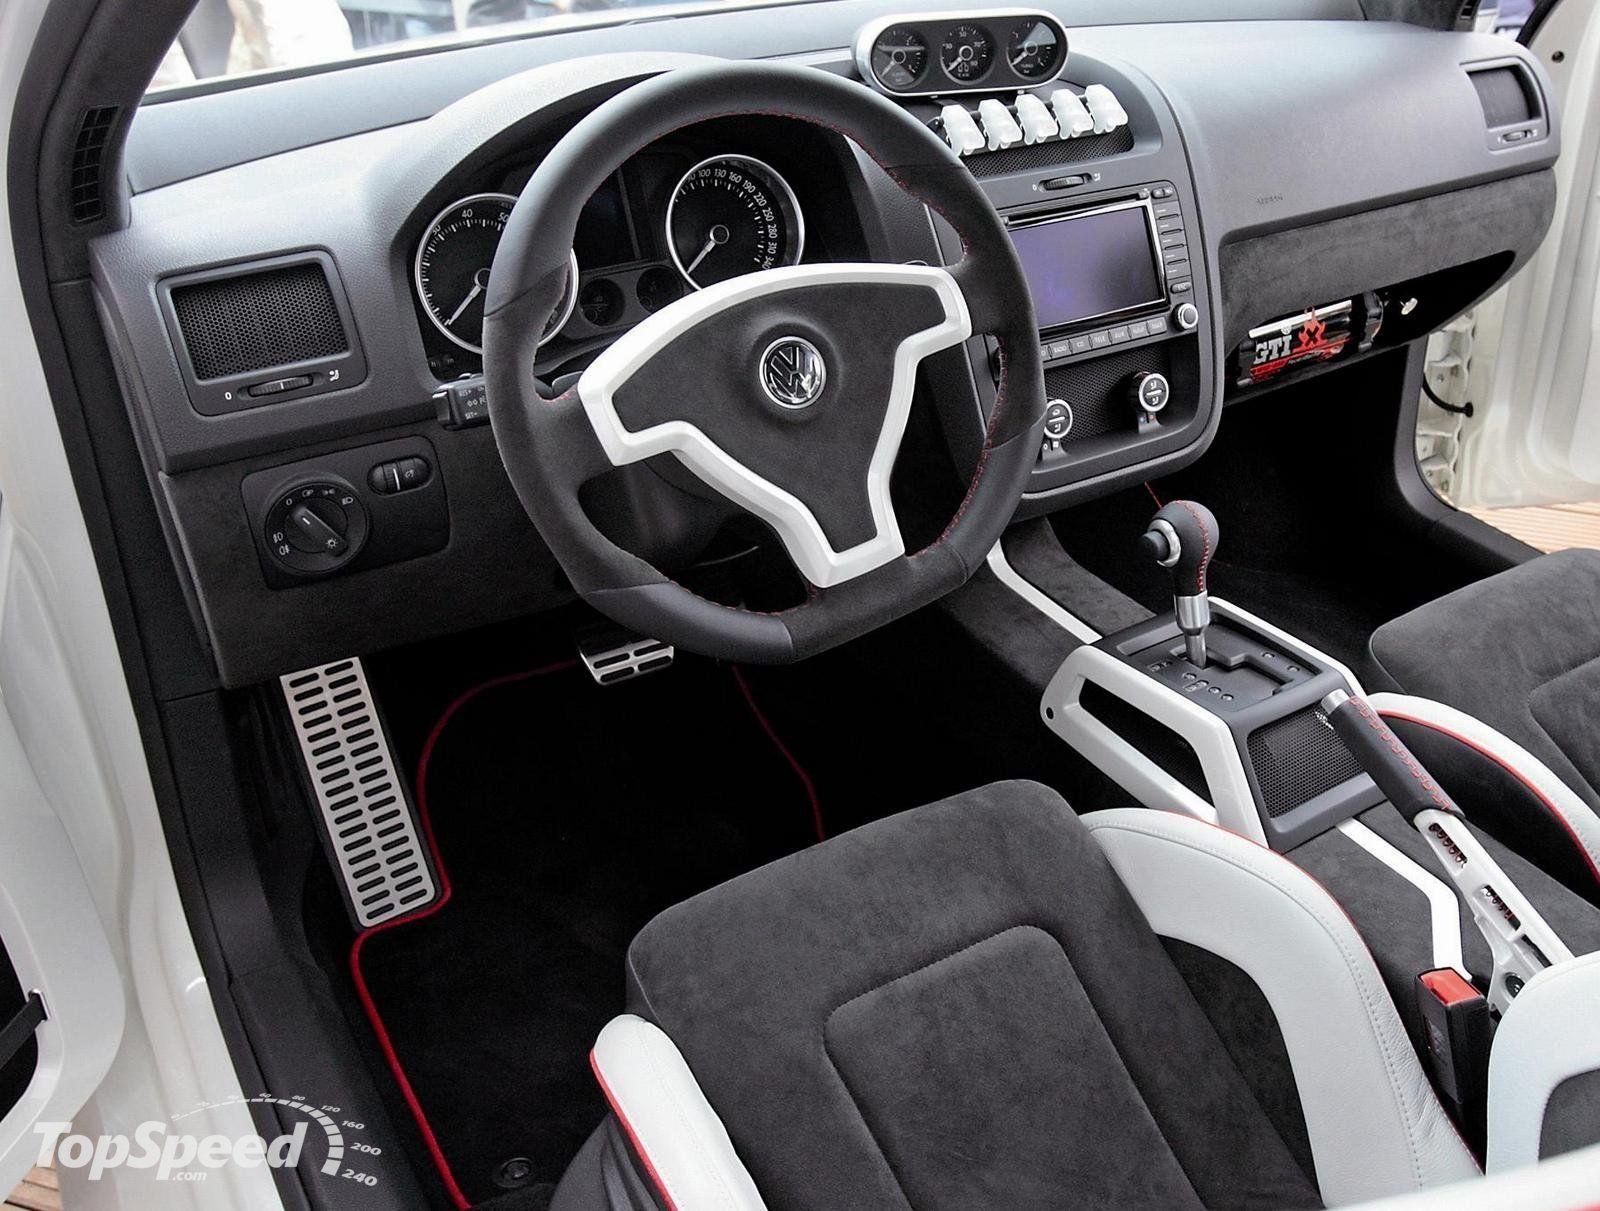 2007 Volkswagen Golf Gti W12 Concept Interior Golf Gti